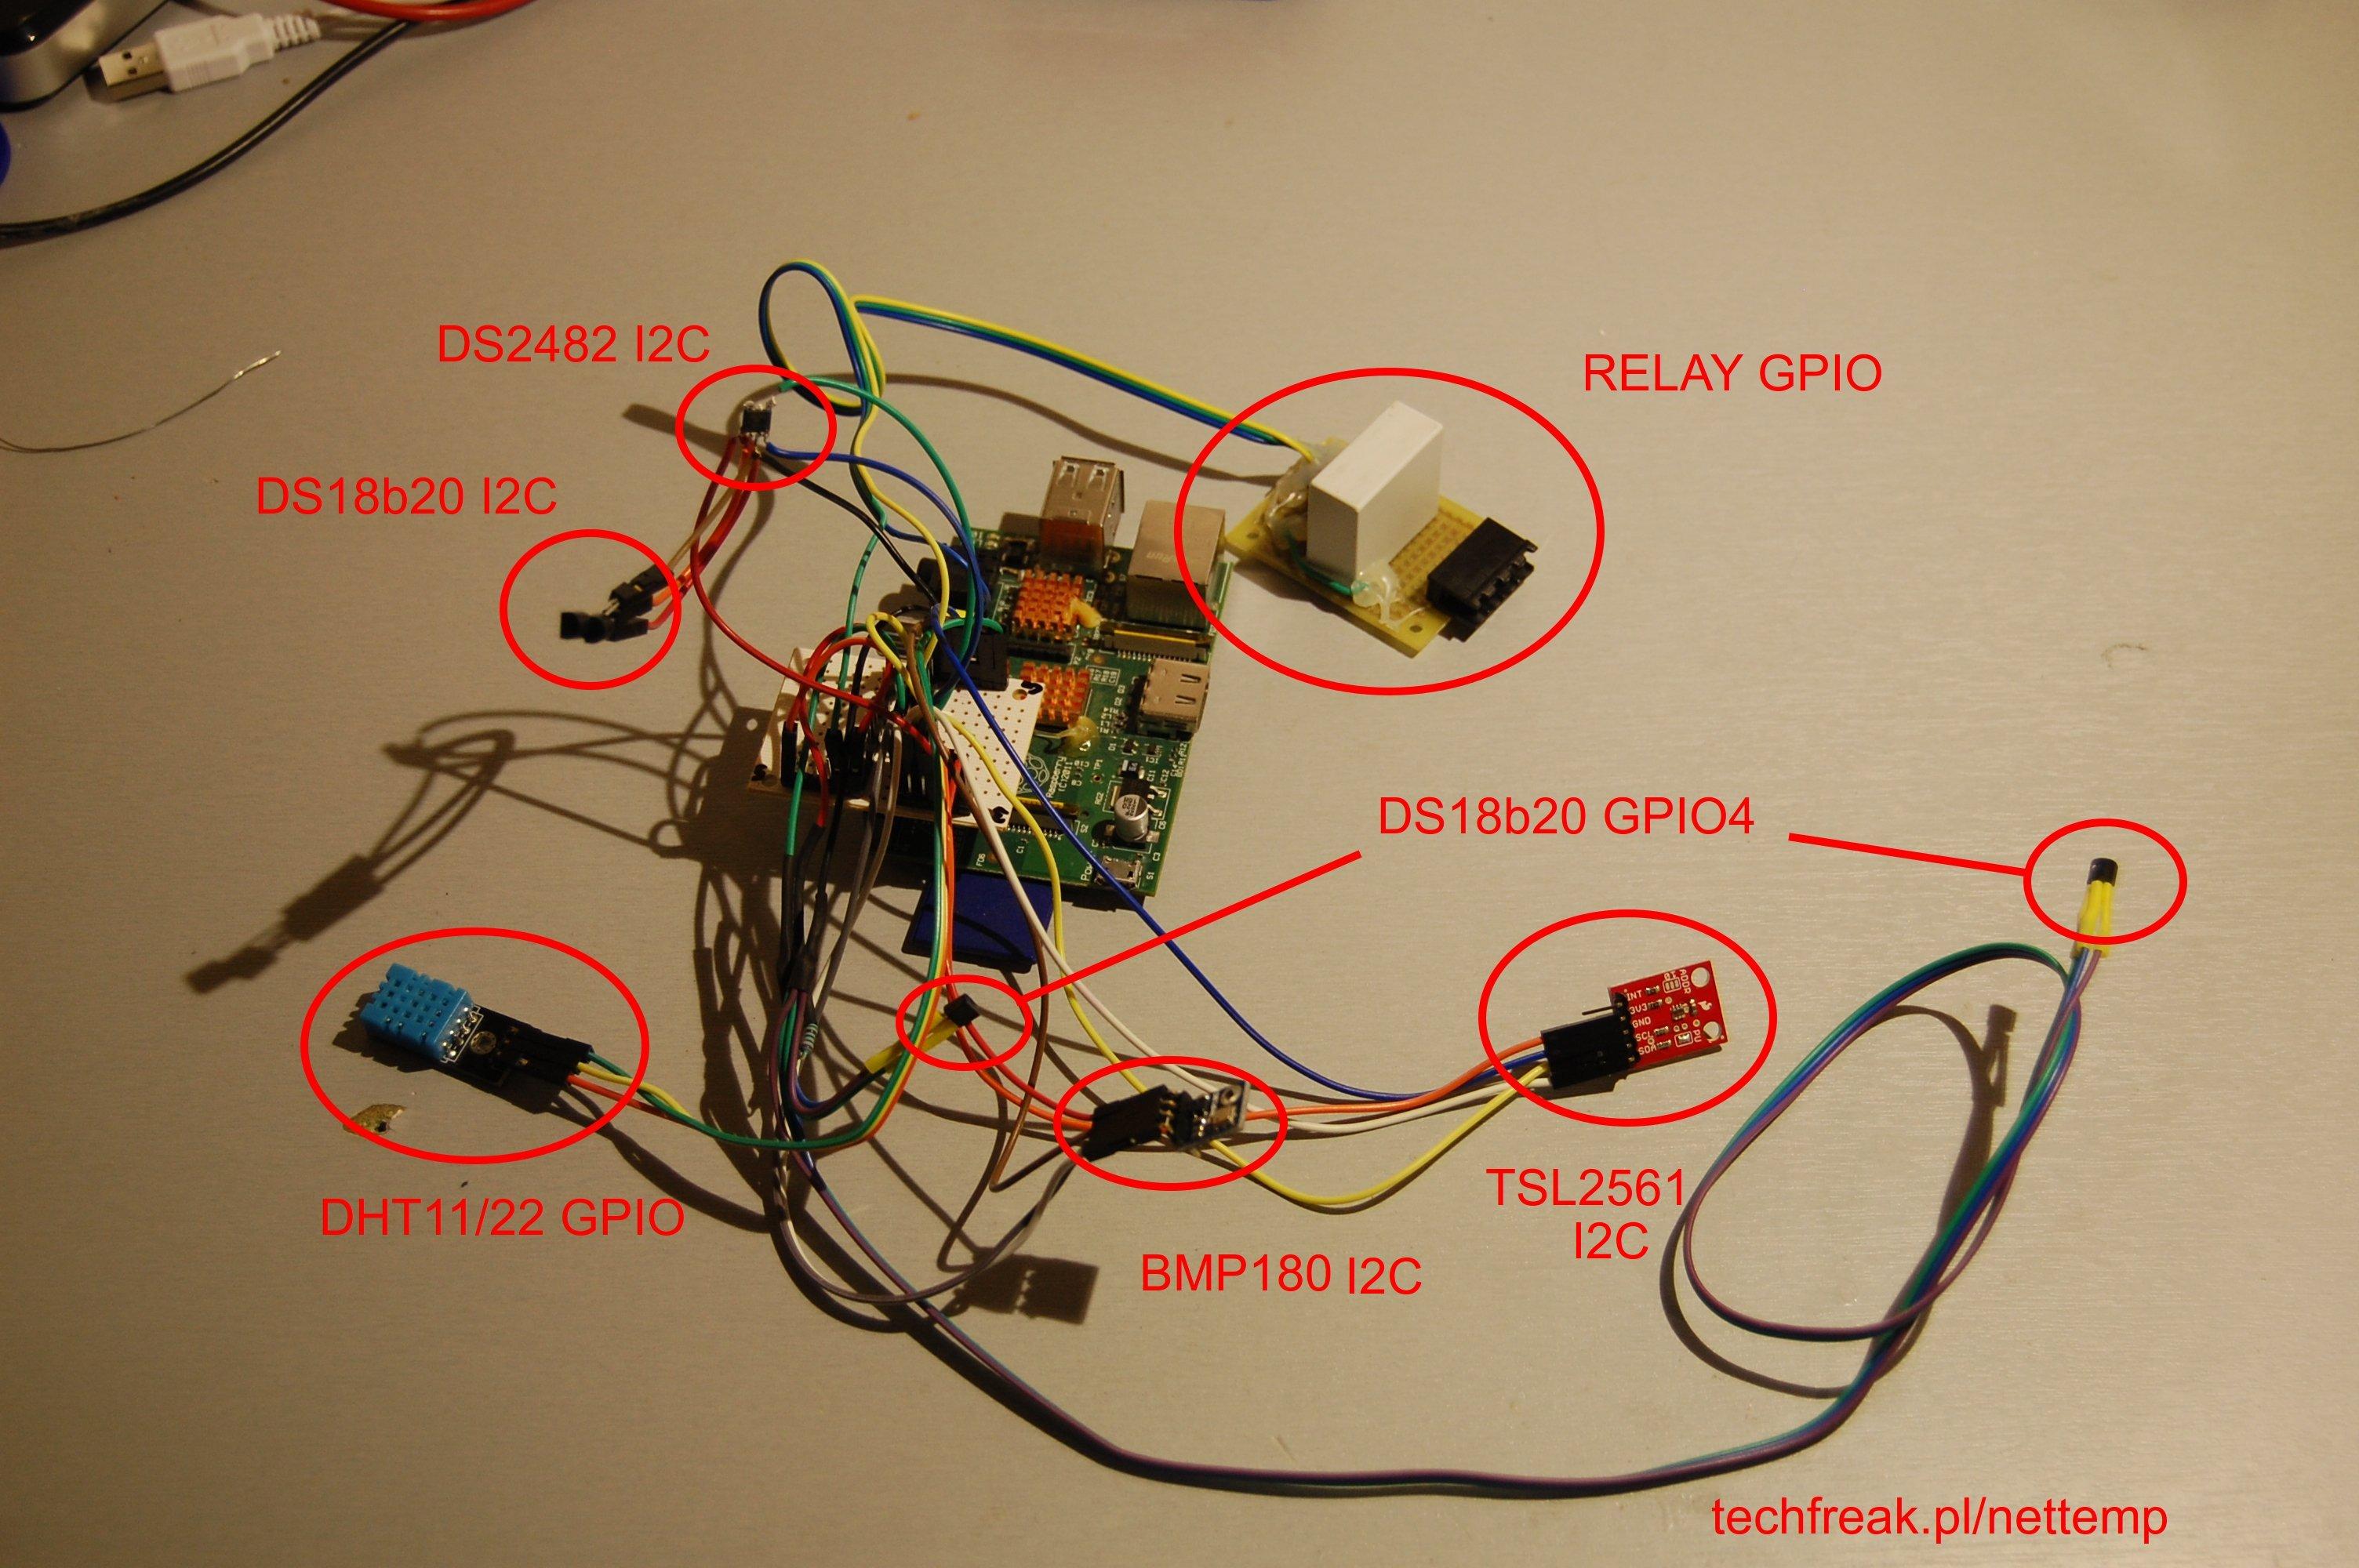 Nettemp + I2C + BMP180 + TSL2561 + DS2482